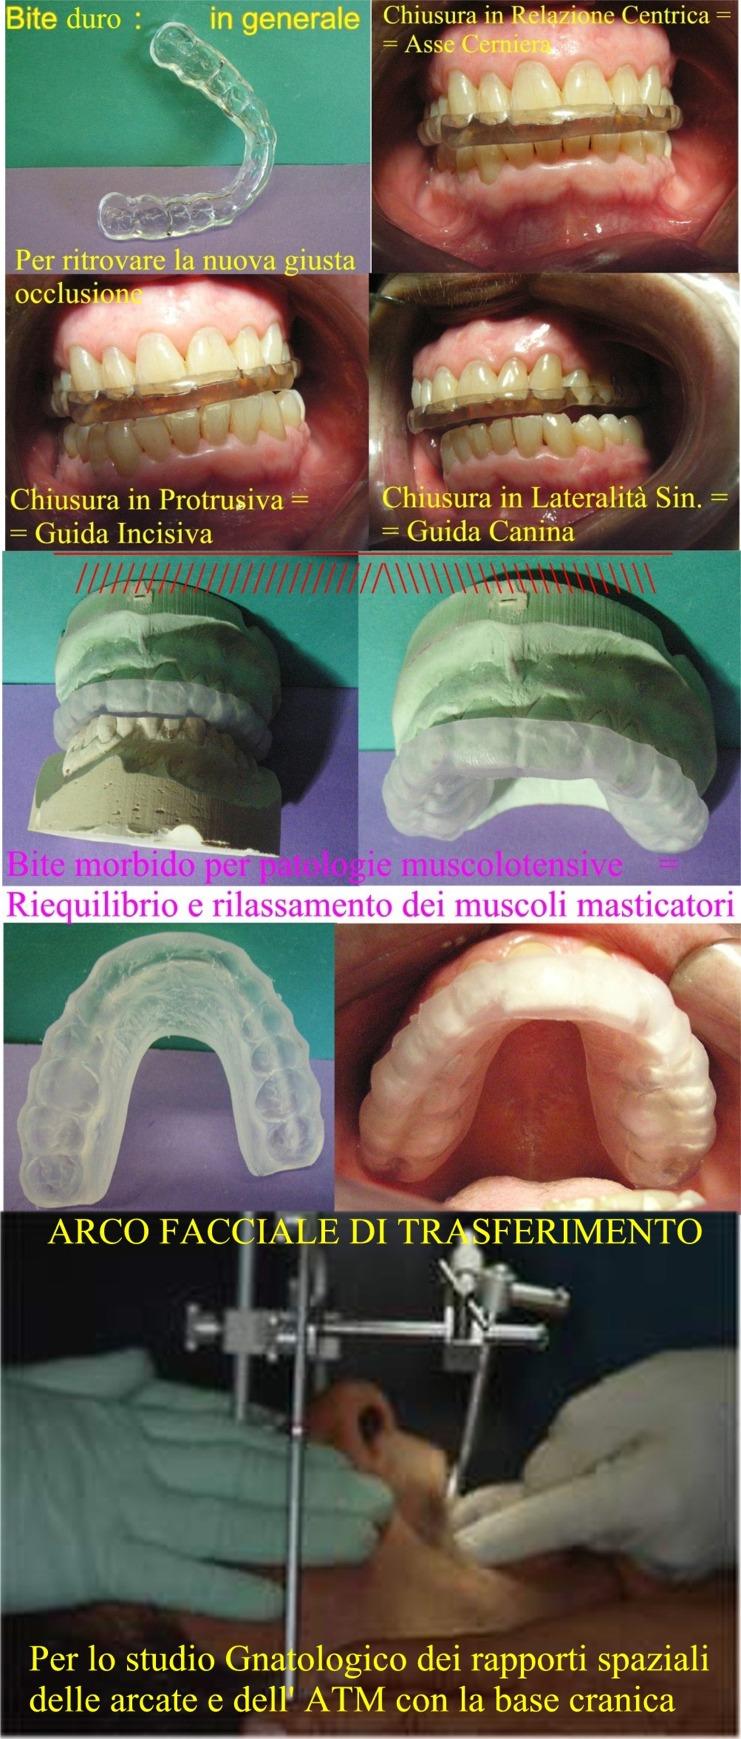 Arco facciale di trasferimento durante una delle visite Gnatologiche. Da casistica del Dr. Gustavo Petti Gnatologo e Parodontologo di Cagliari